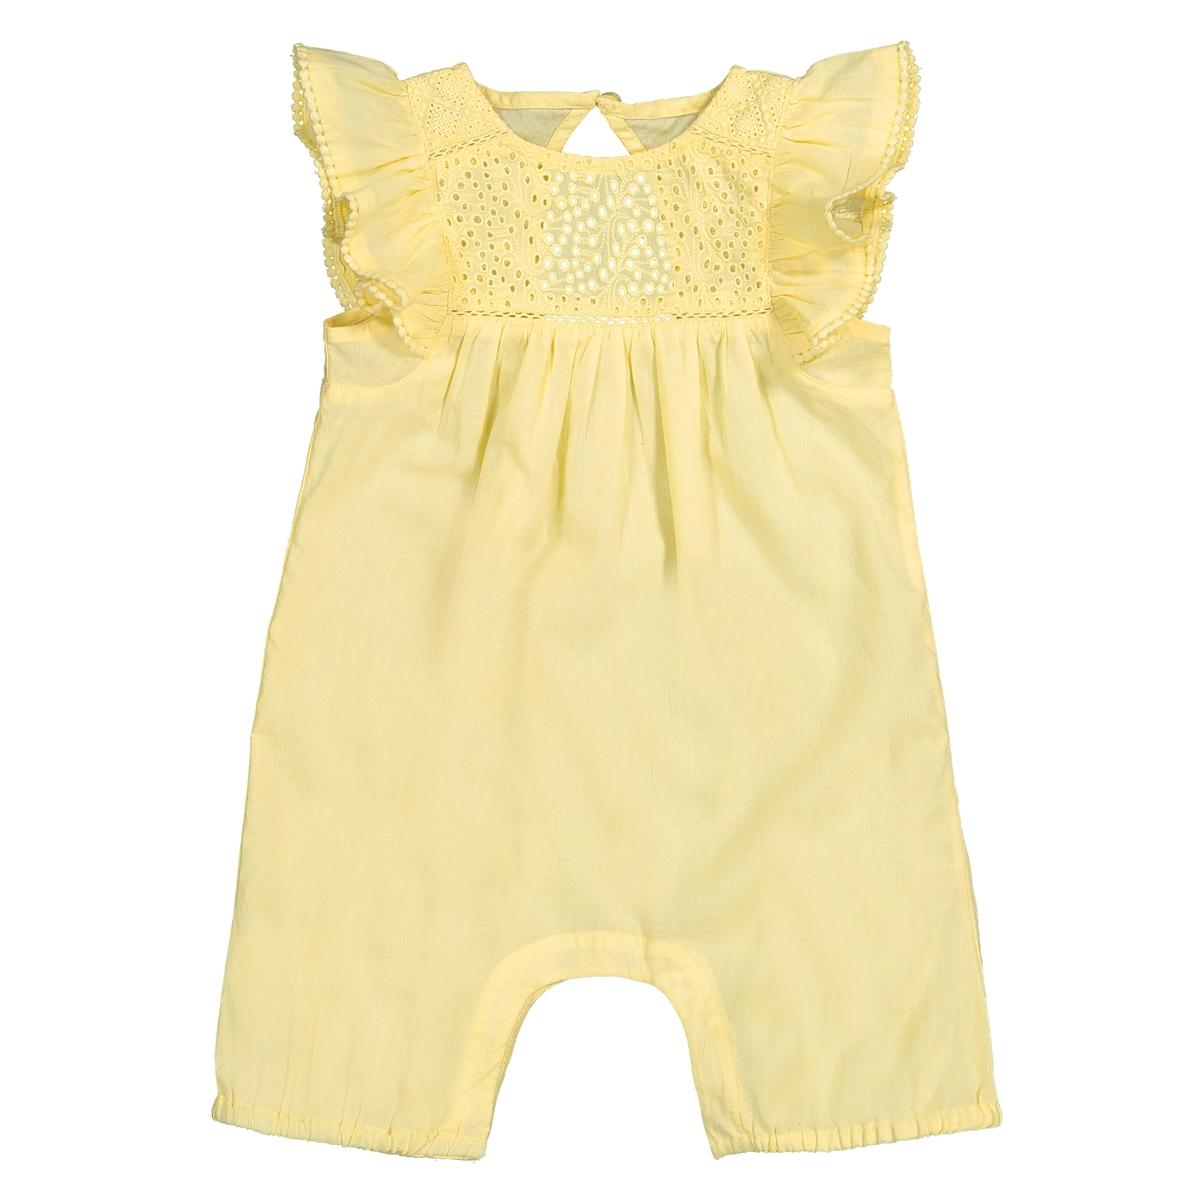 Комбинезон La Redoute С вышивкой и рукавами с воланами мес 3 года - 94 см желтый шорты с вышивкой 1 мес 3 года